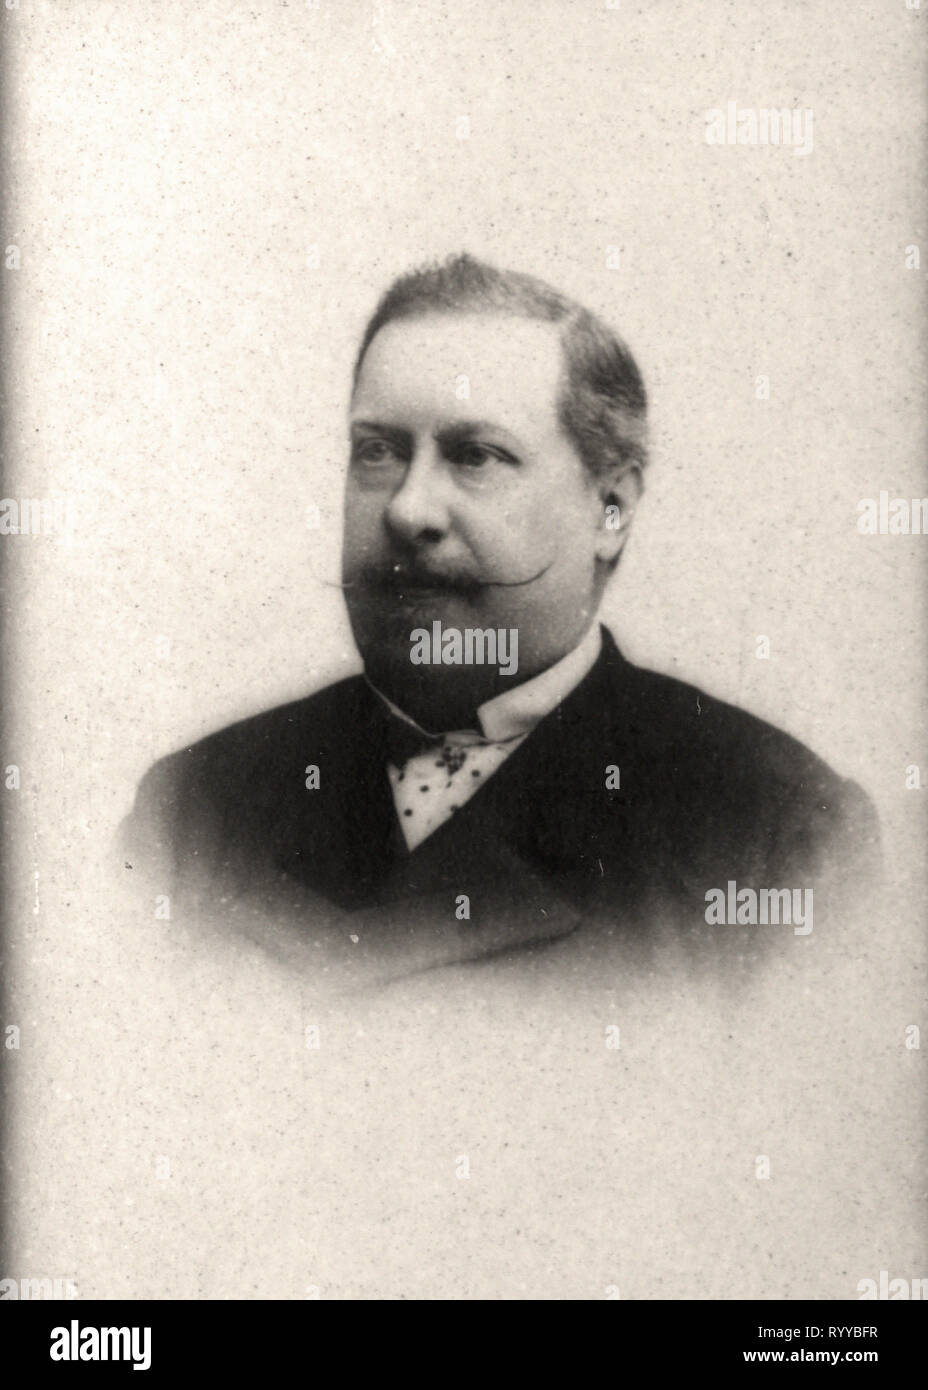 Retrato fotográfico de Louis Ier Roi De Portugal desde la colección Félix Potin, de principios del siglo XX. Foto de stock